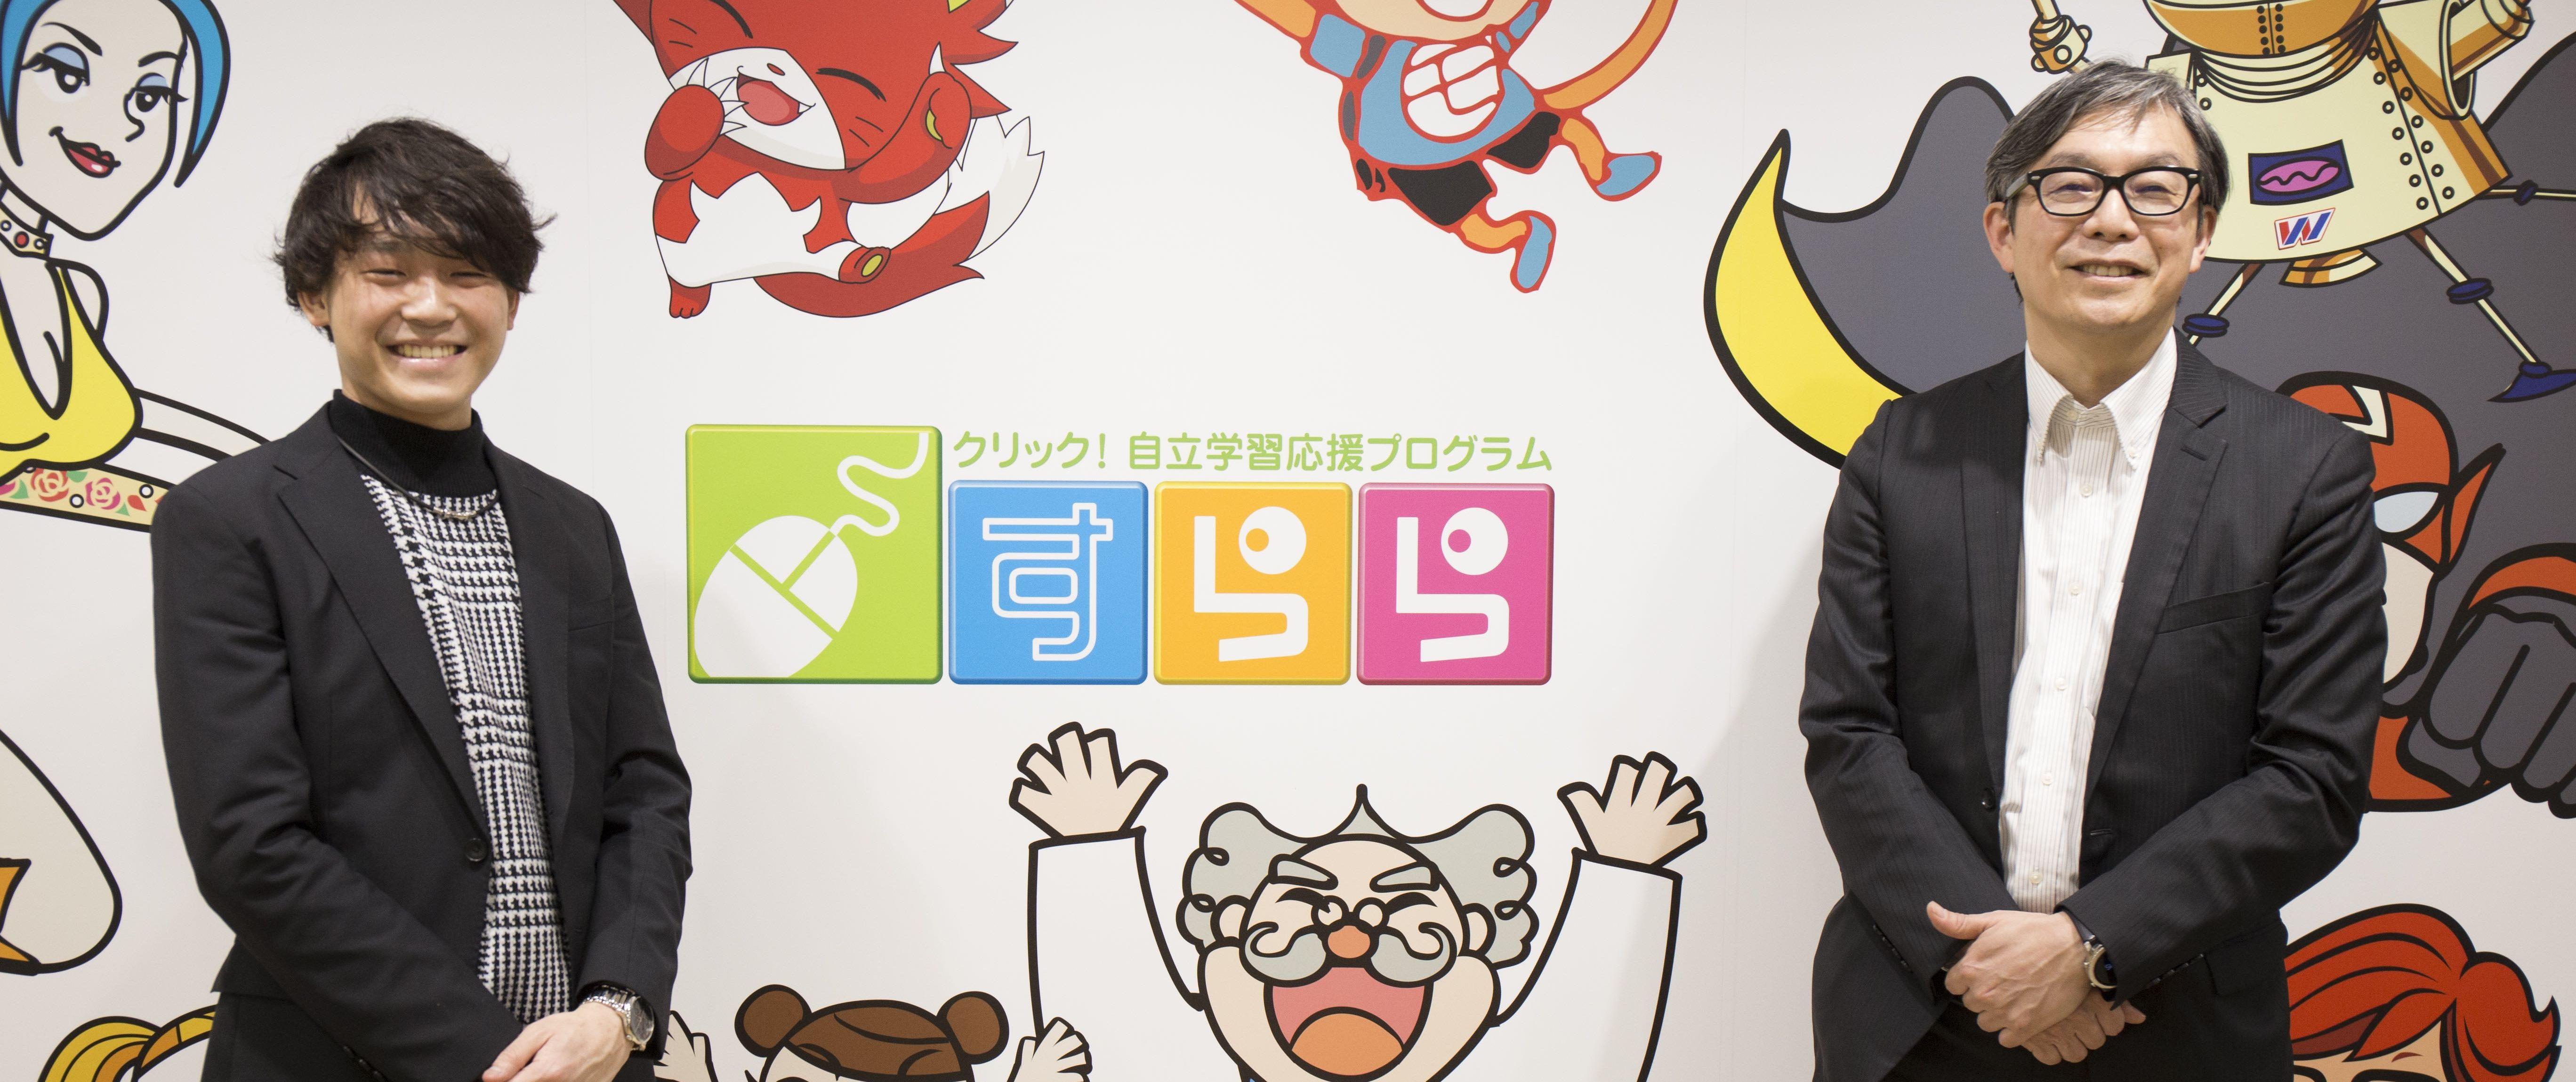 株式会社すららネット/真に価値のある日本の教育を世界に広めたい。